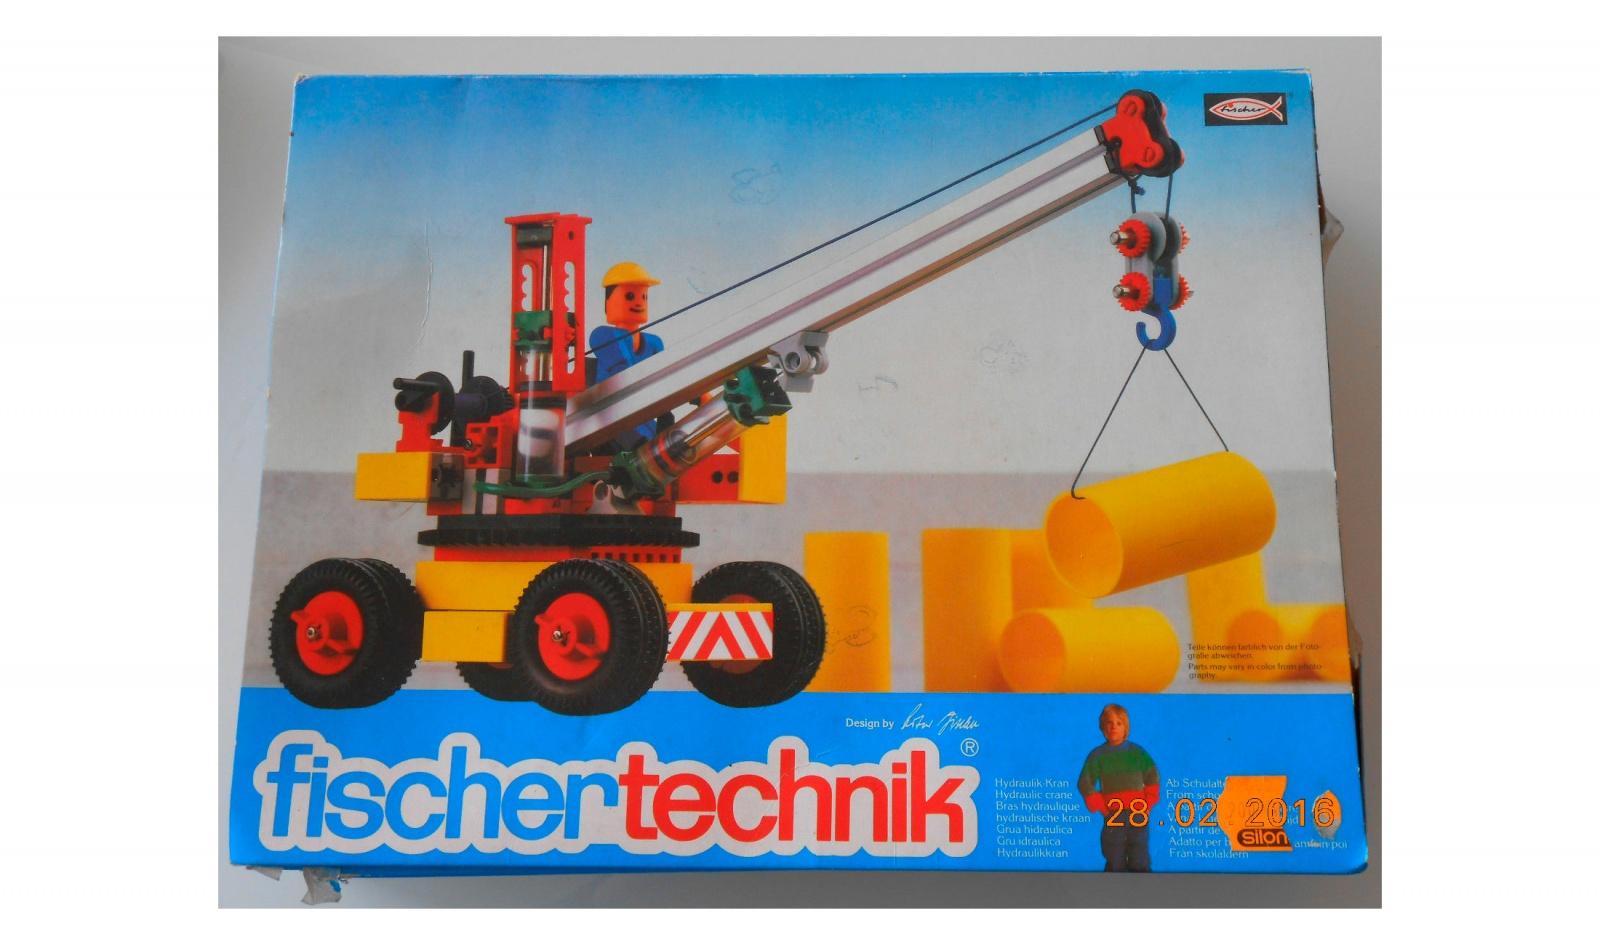 История инженерных конструкторов fischertechnik - 12